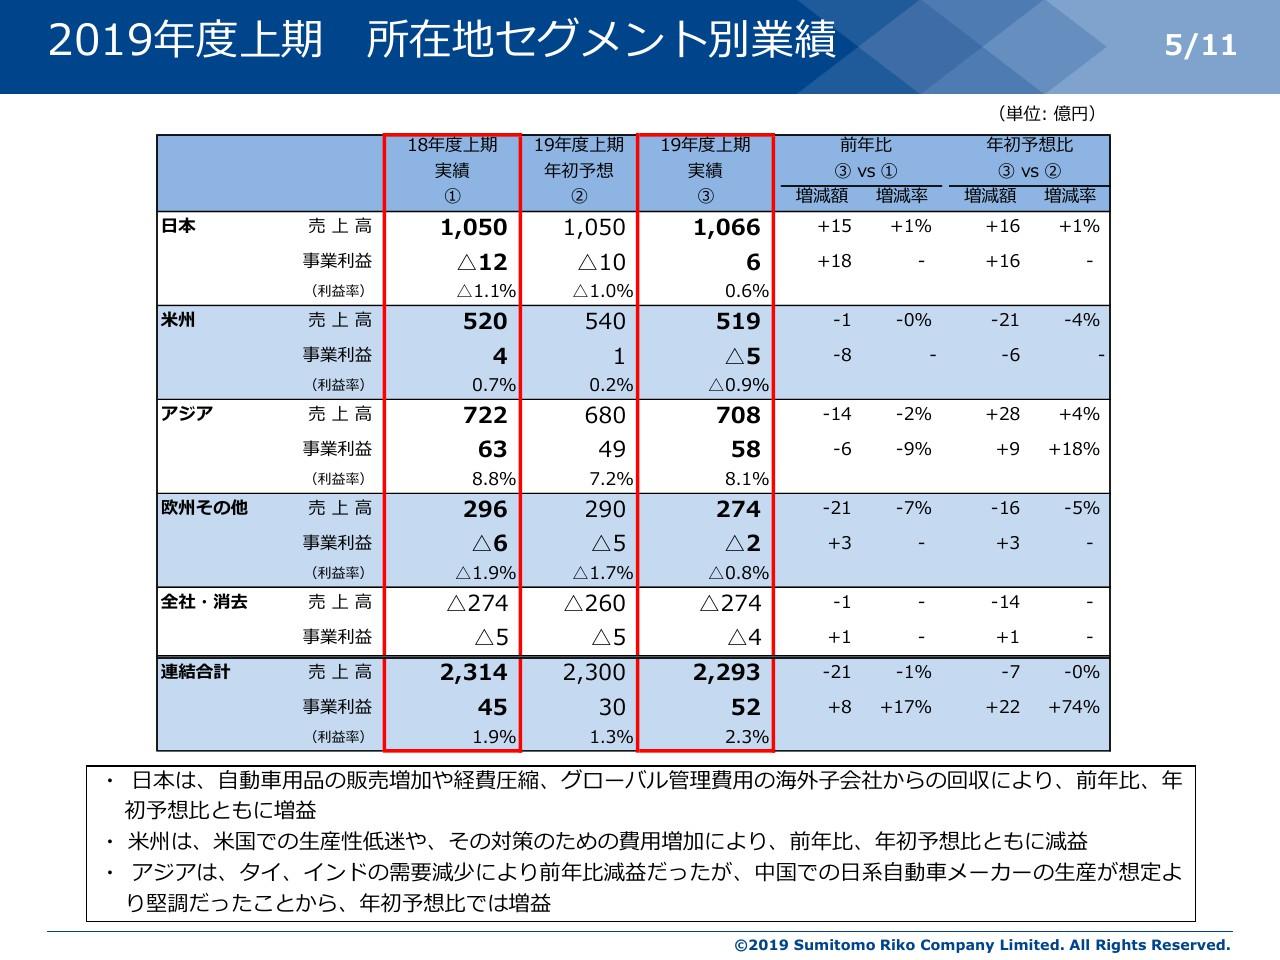 住友理工、2Qは円高影響により減収も事業利益増 経費圧縮や原価低減で米国の人手不足を補う